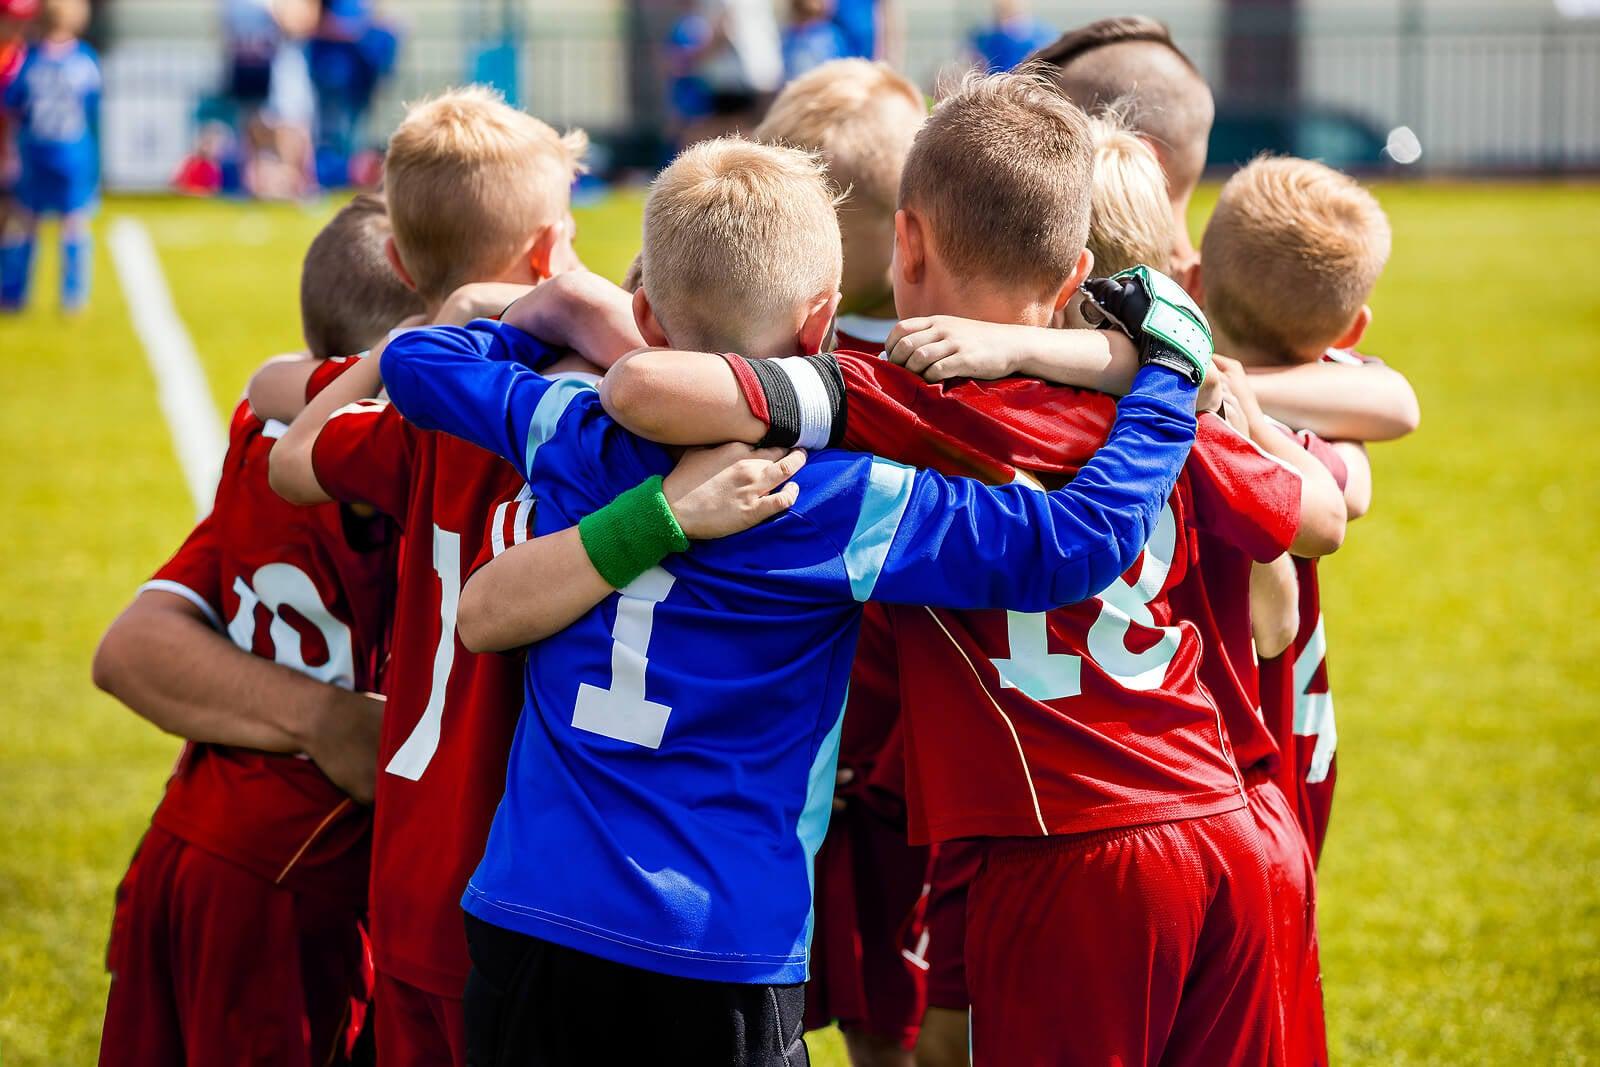 Niños en un equipo de fútbol a los que hay que enseñar liderazgo.